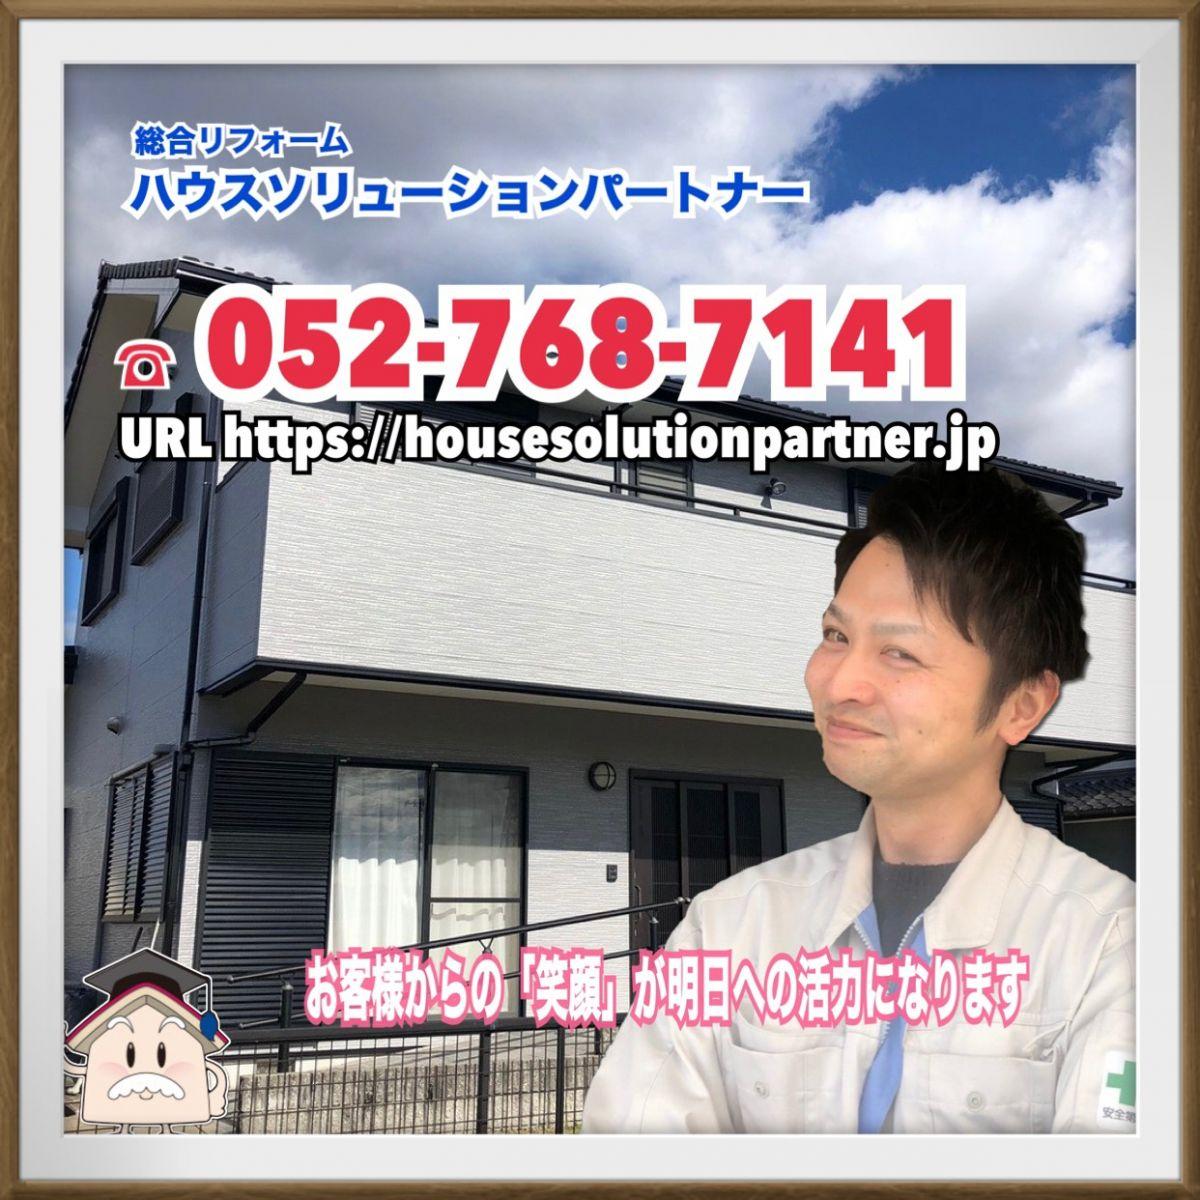 jirei_image53547